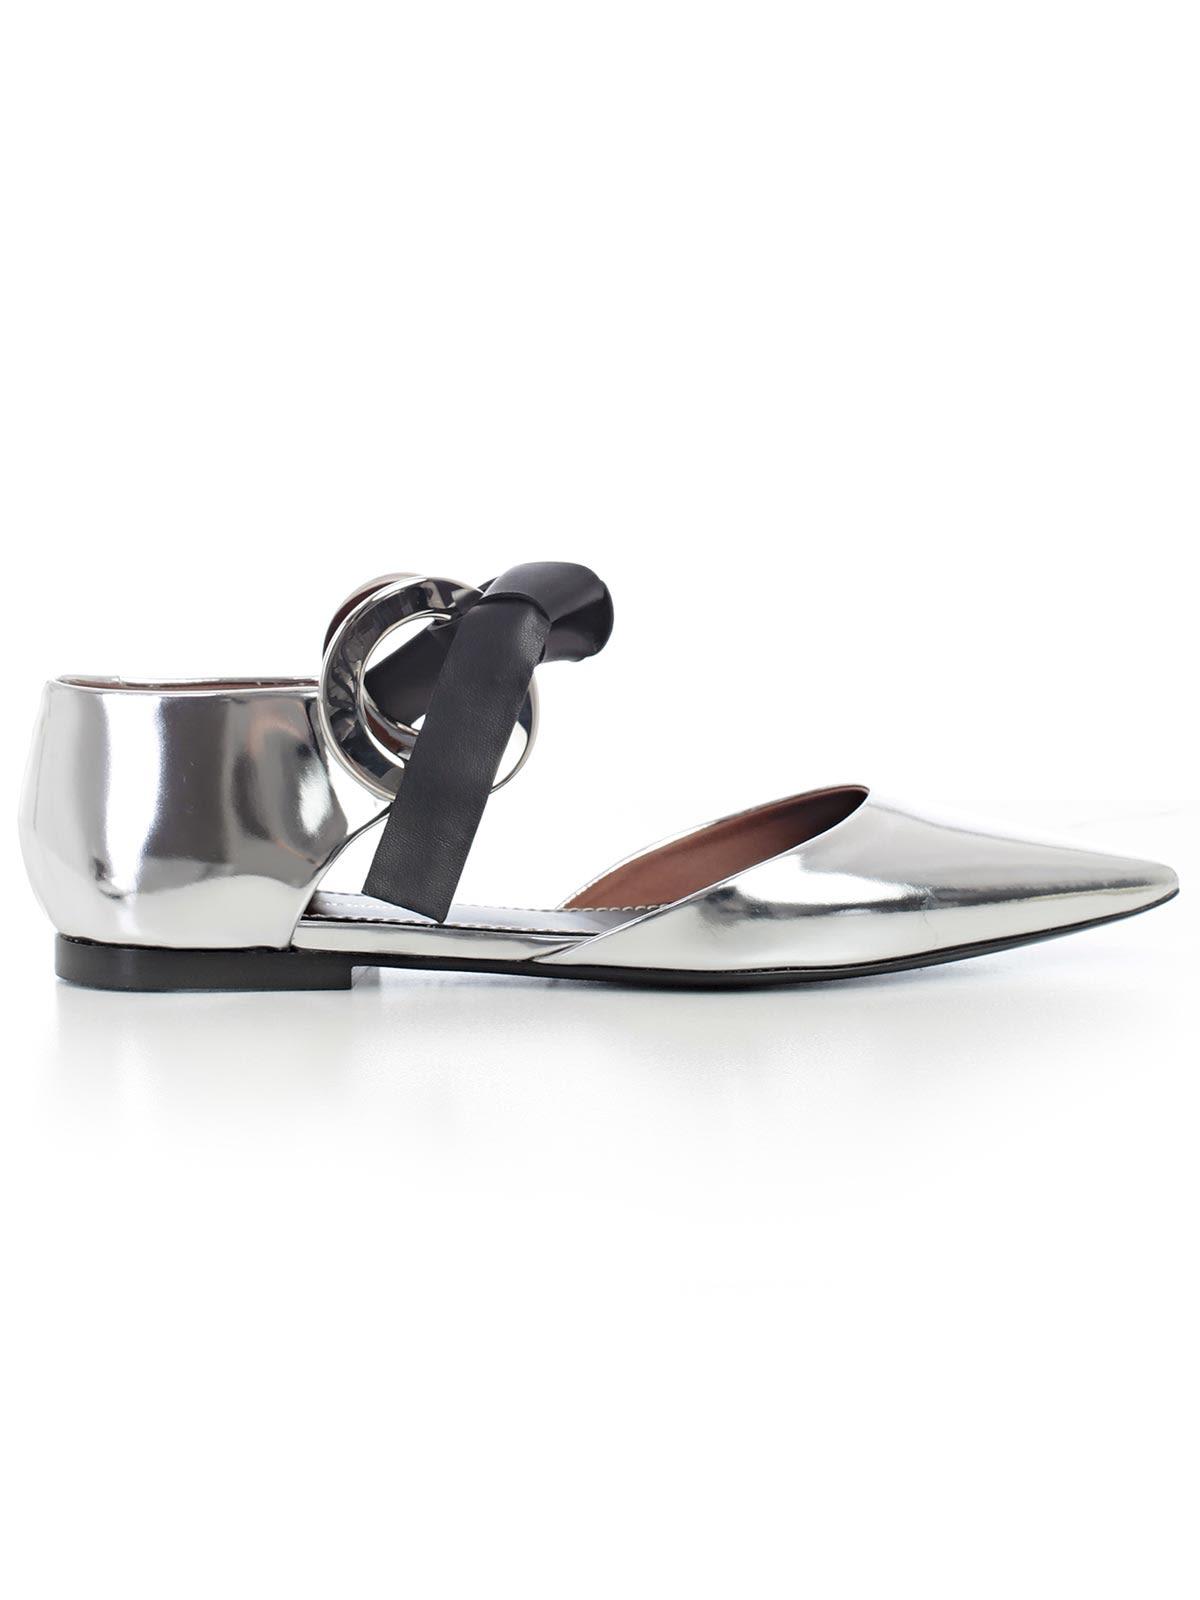 Proenza Schouler Flat Shoes